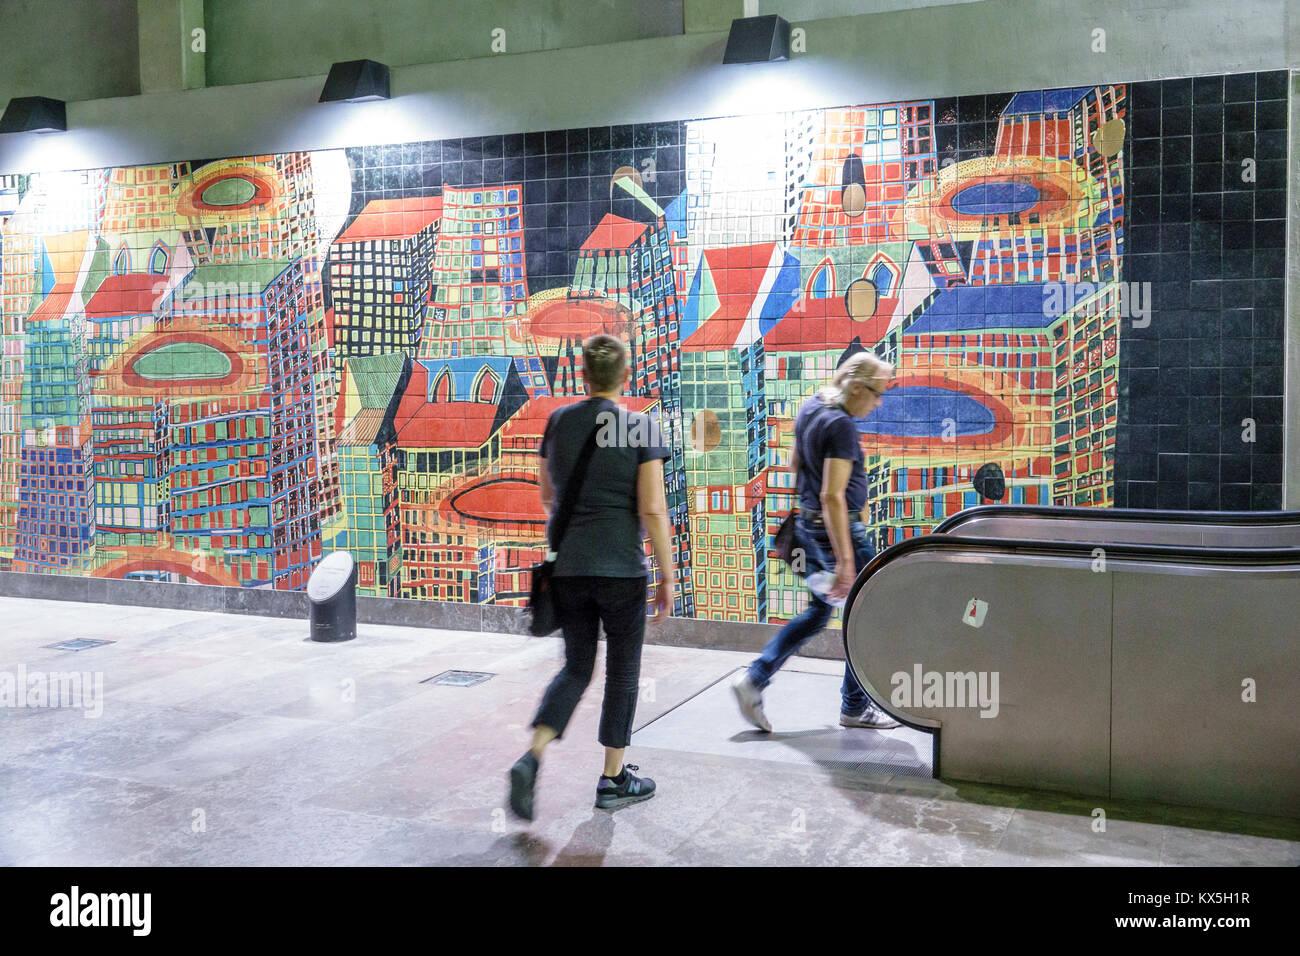 Métro de Lisbonne Portugal Lisboa oriente les transports Les transports en commun Métro station murale Photo Stock